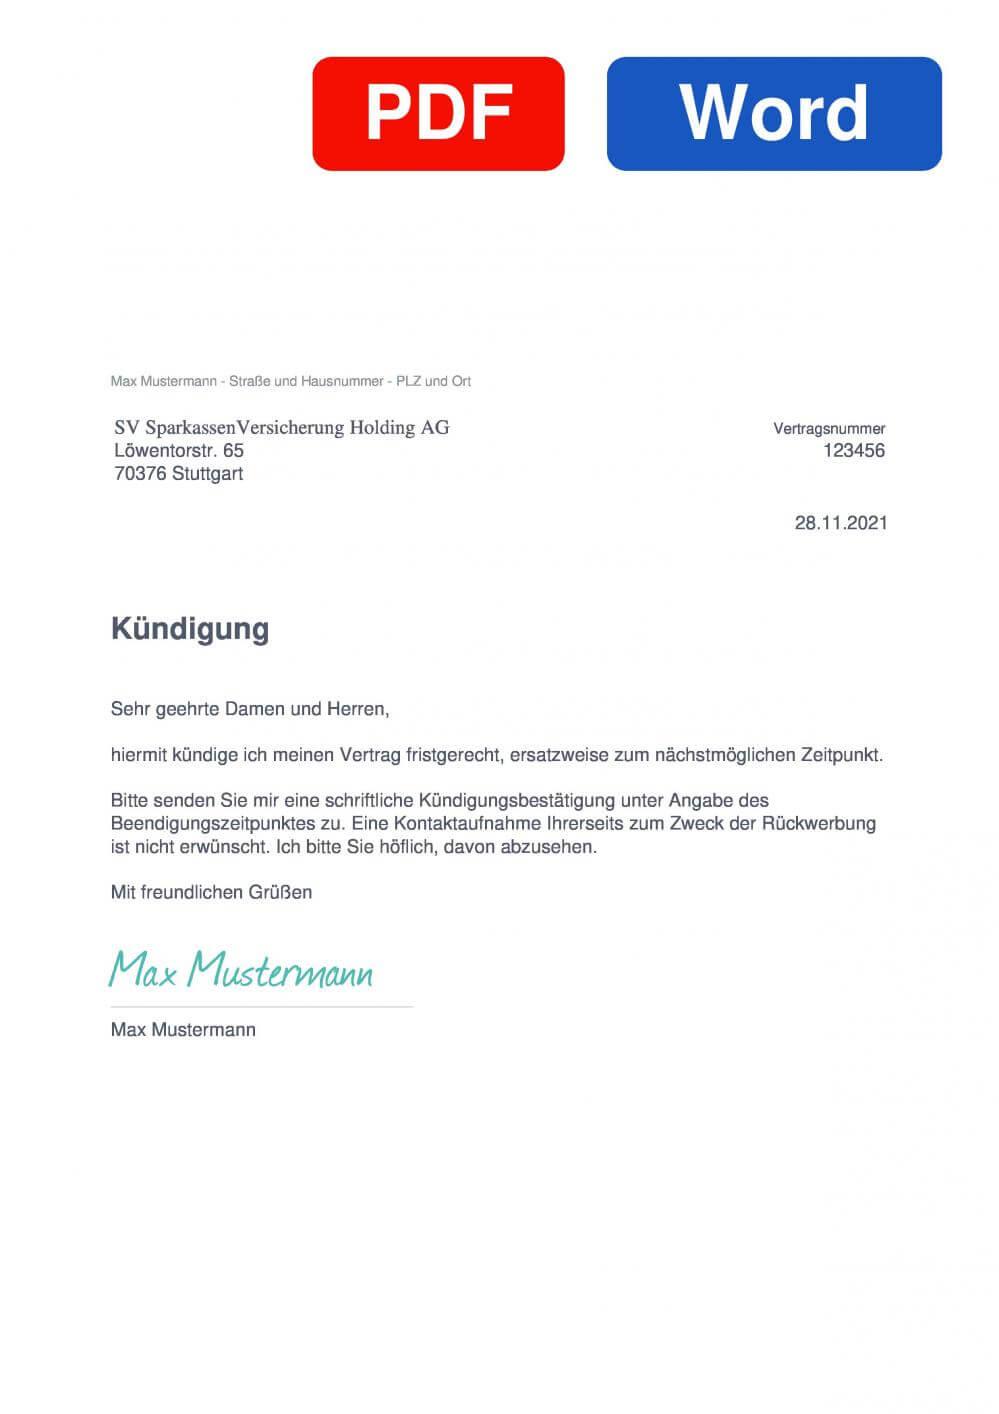 SV Sparkassen Versicherung Muster Vorlage für Kündigungsschreiben